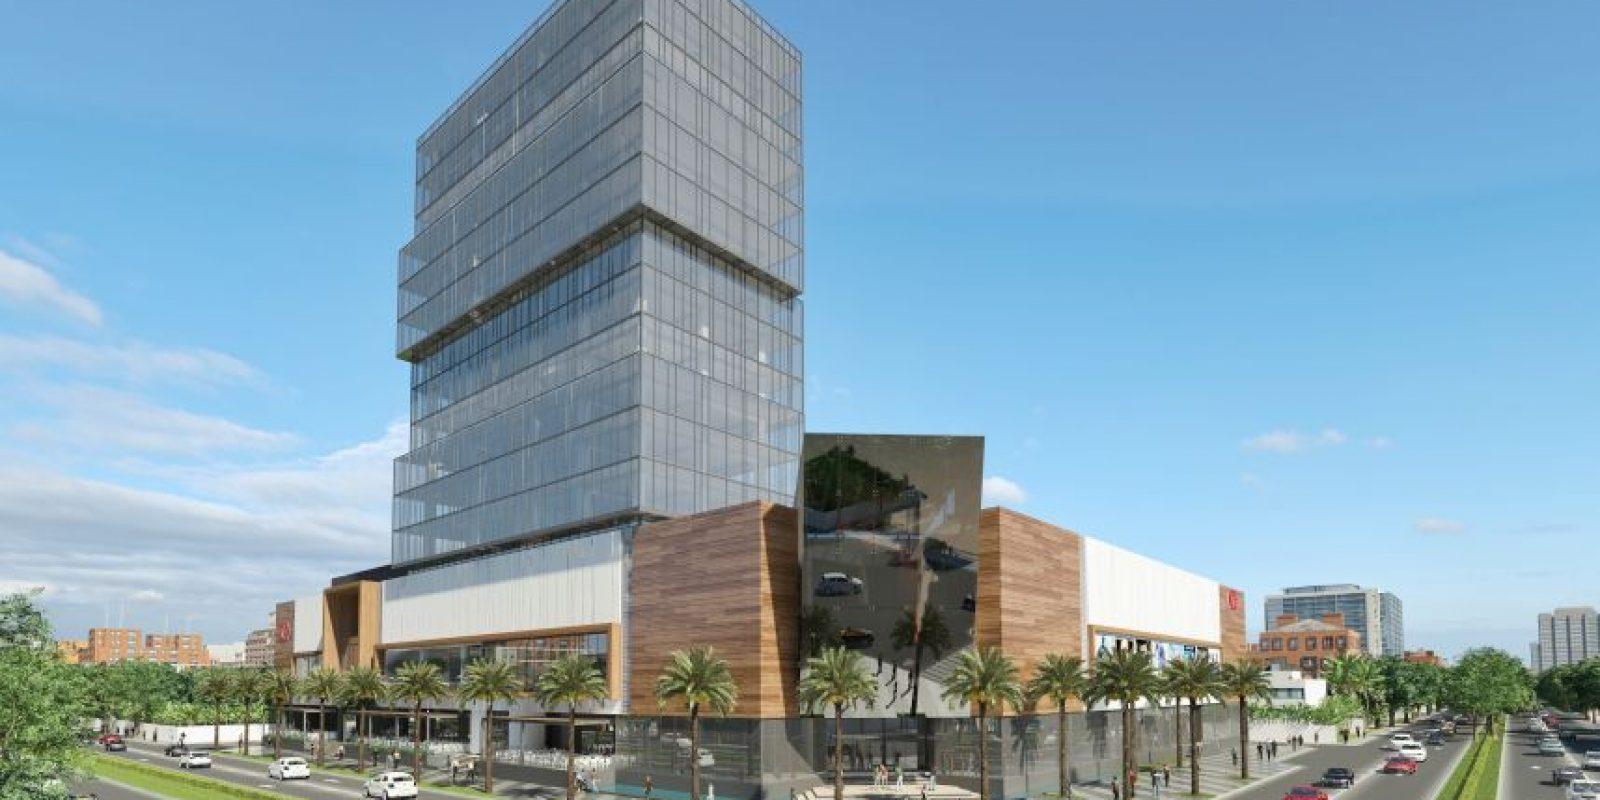 Perspectiva del Centro Downtown Center